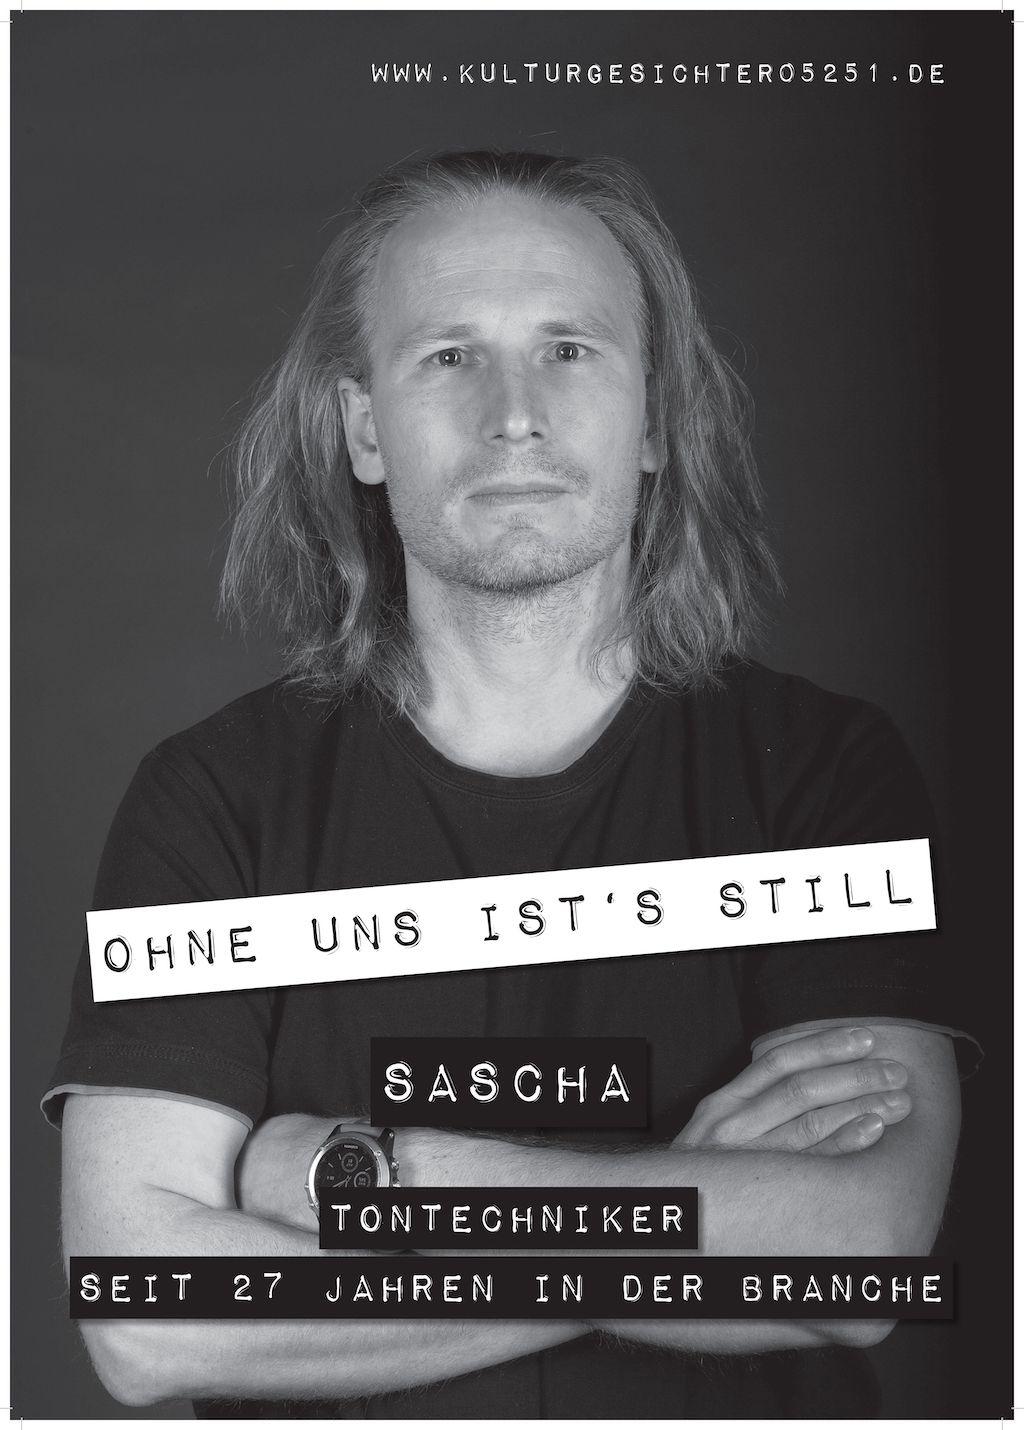 kulturgesichter-sascha-k